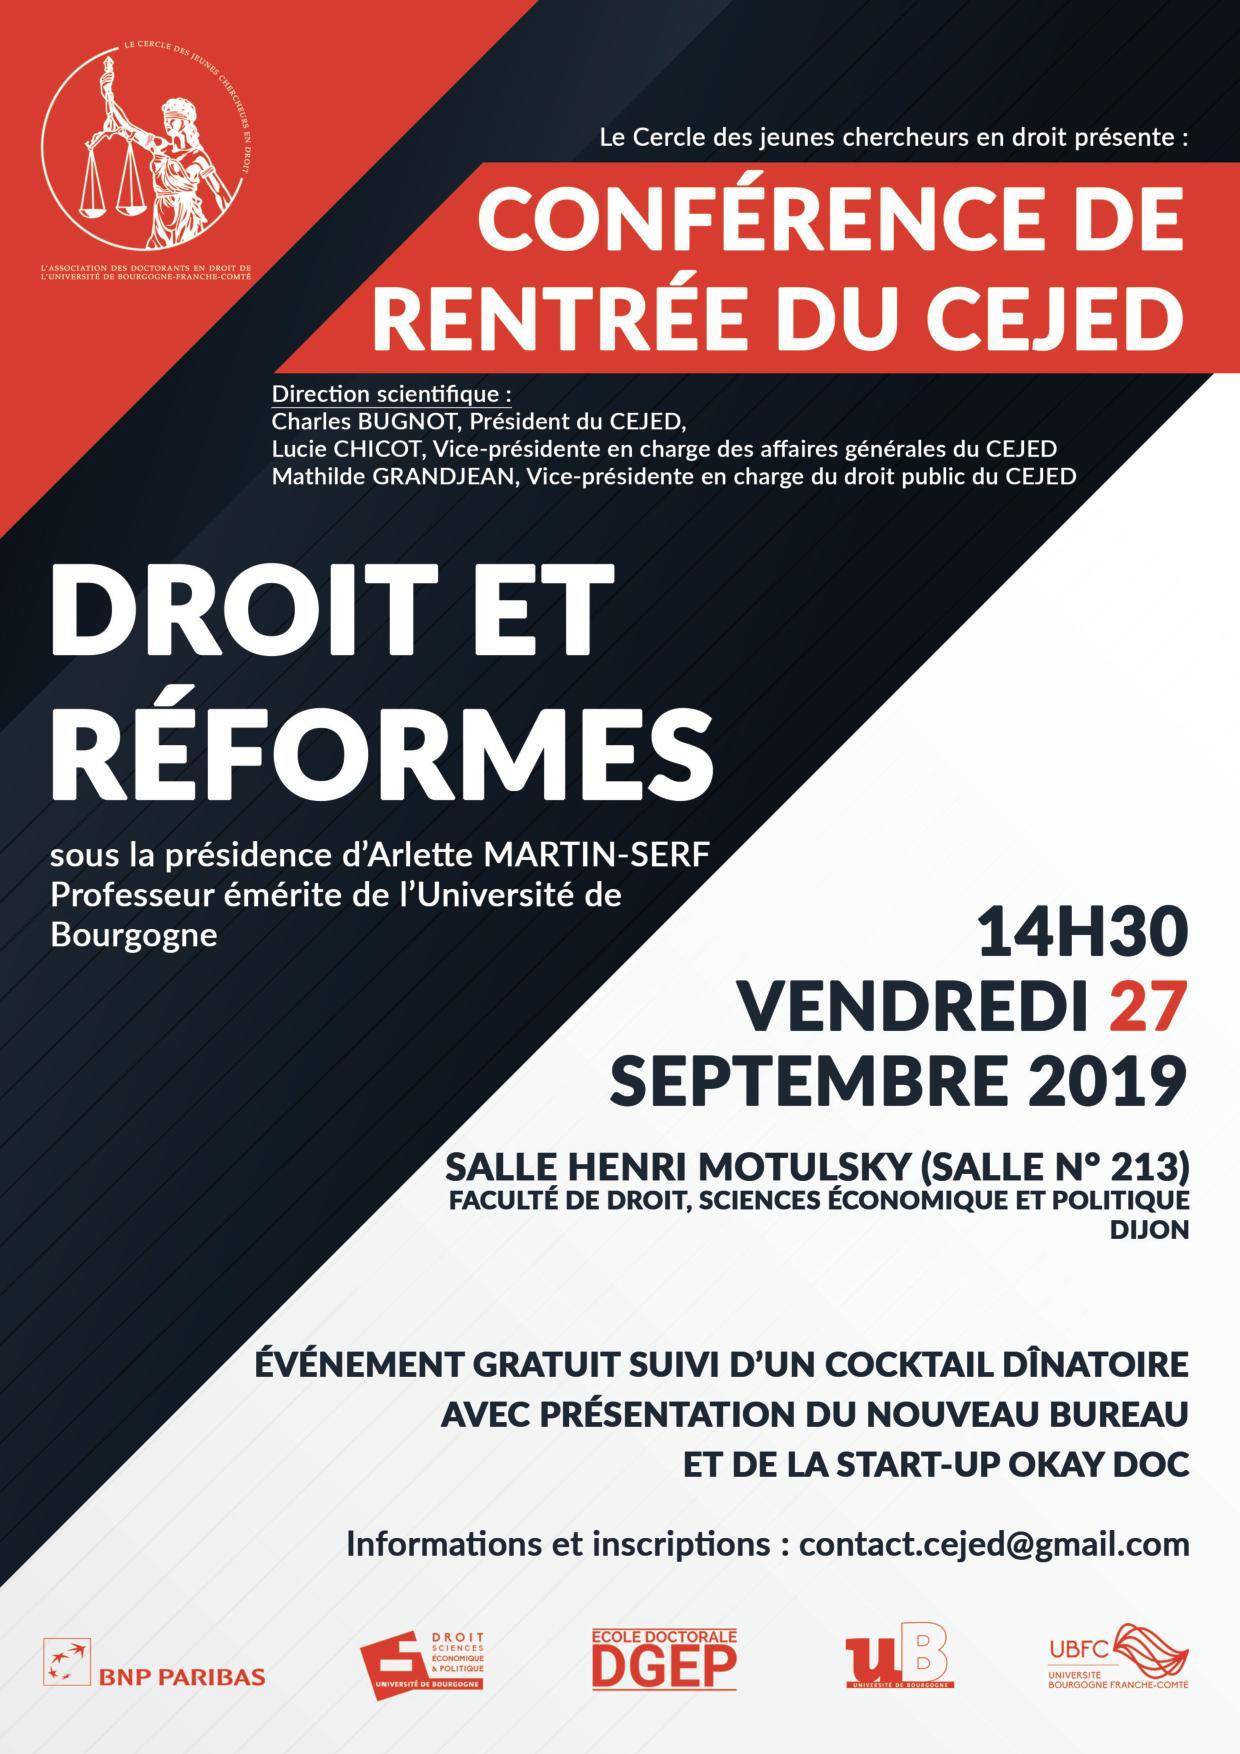 Conférence de rentrée du CEJED1